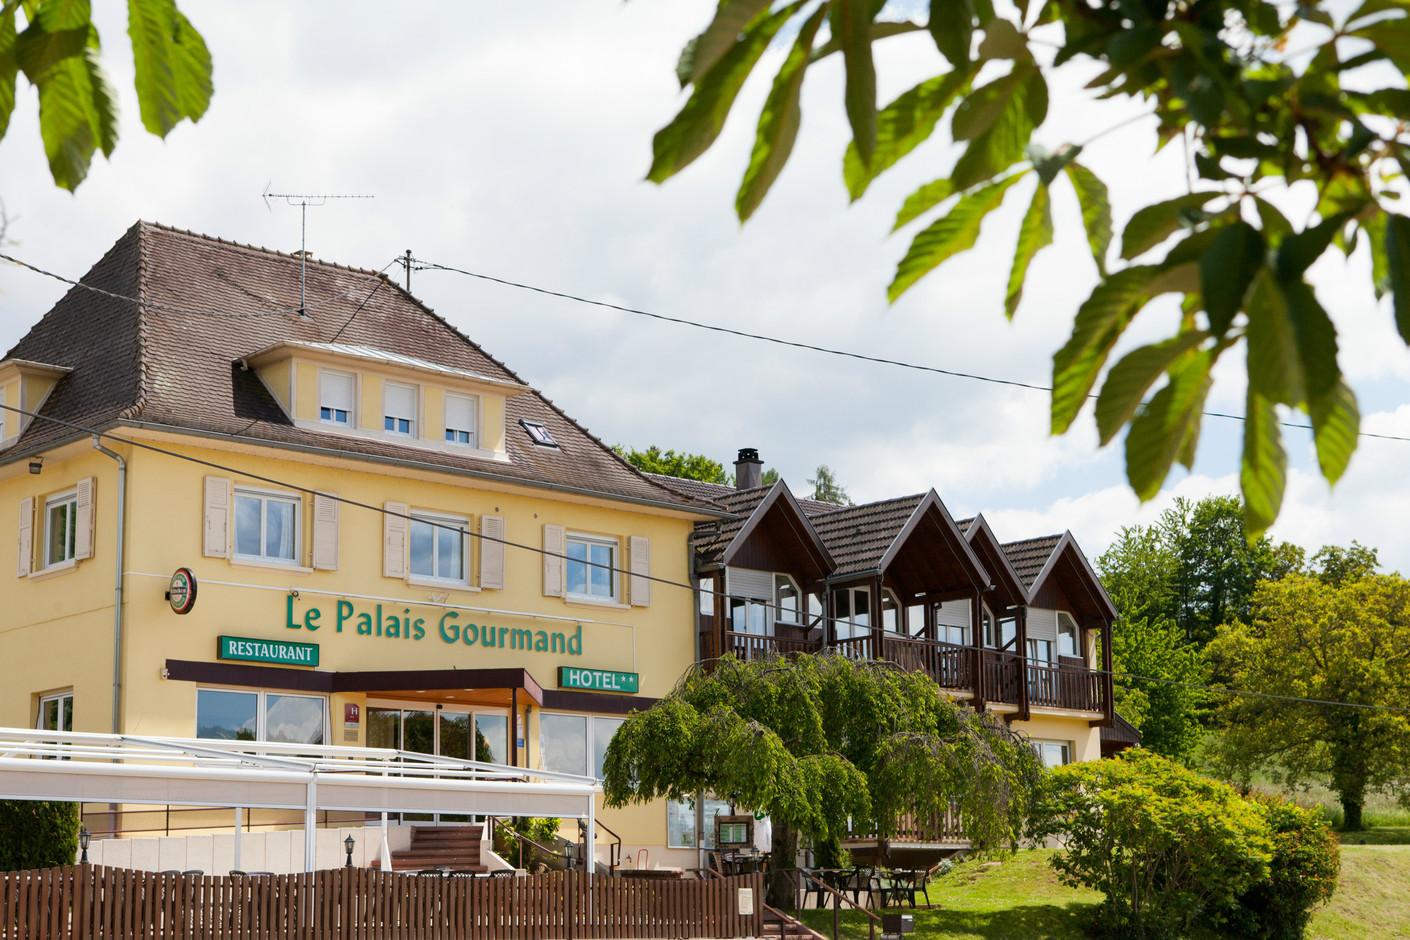 Hôtel-restaurant Le Palais Gourmand, Goersdorf, Alsace, Vue extérieure